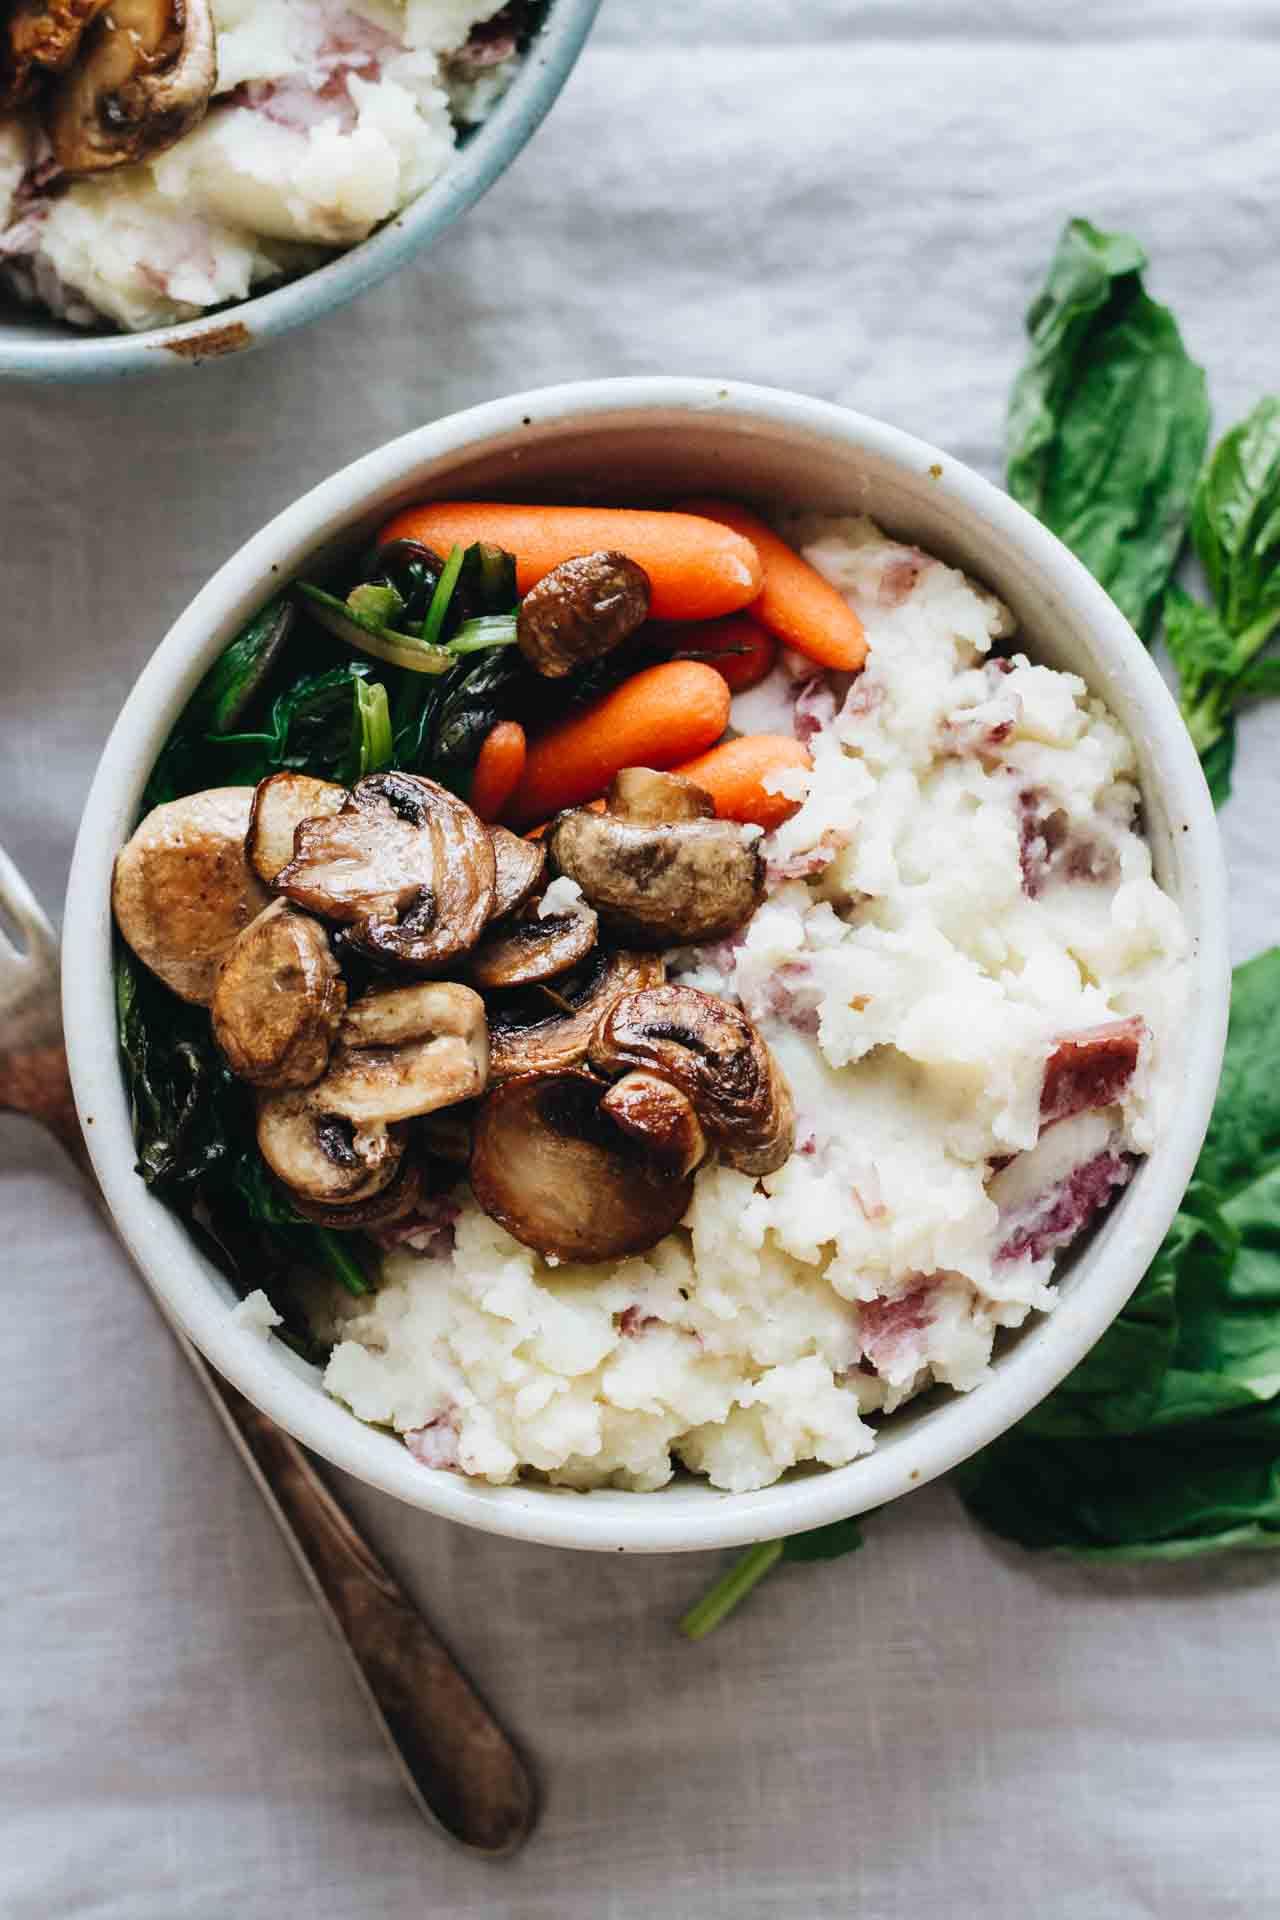 Vegan Mushroom Hemp Patties